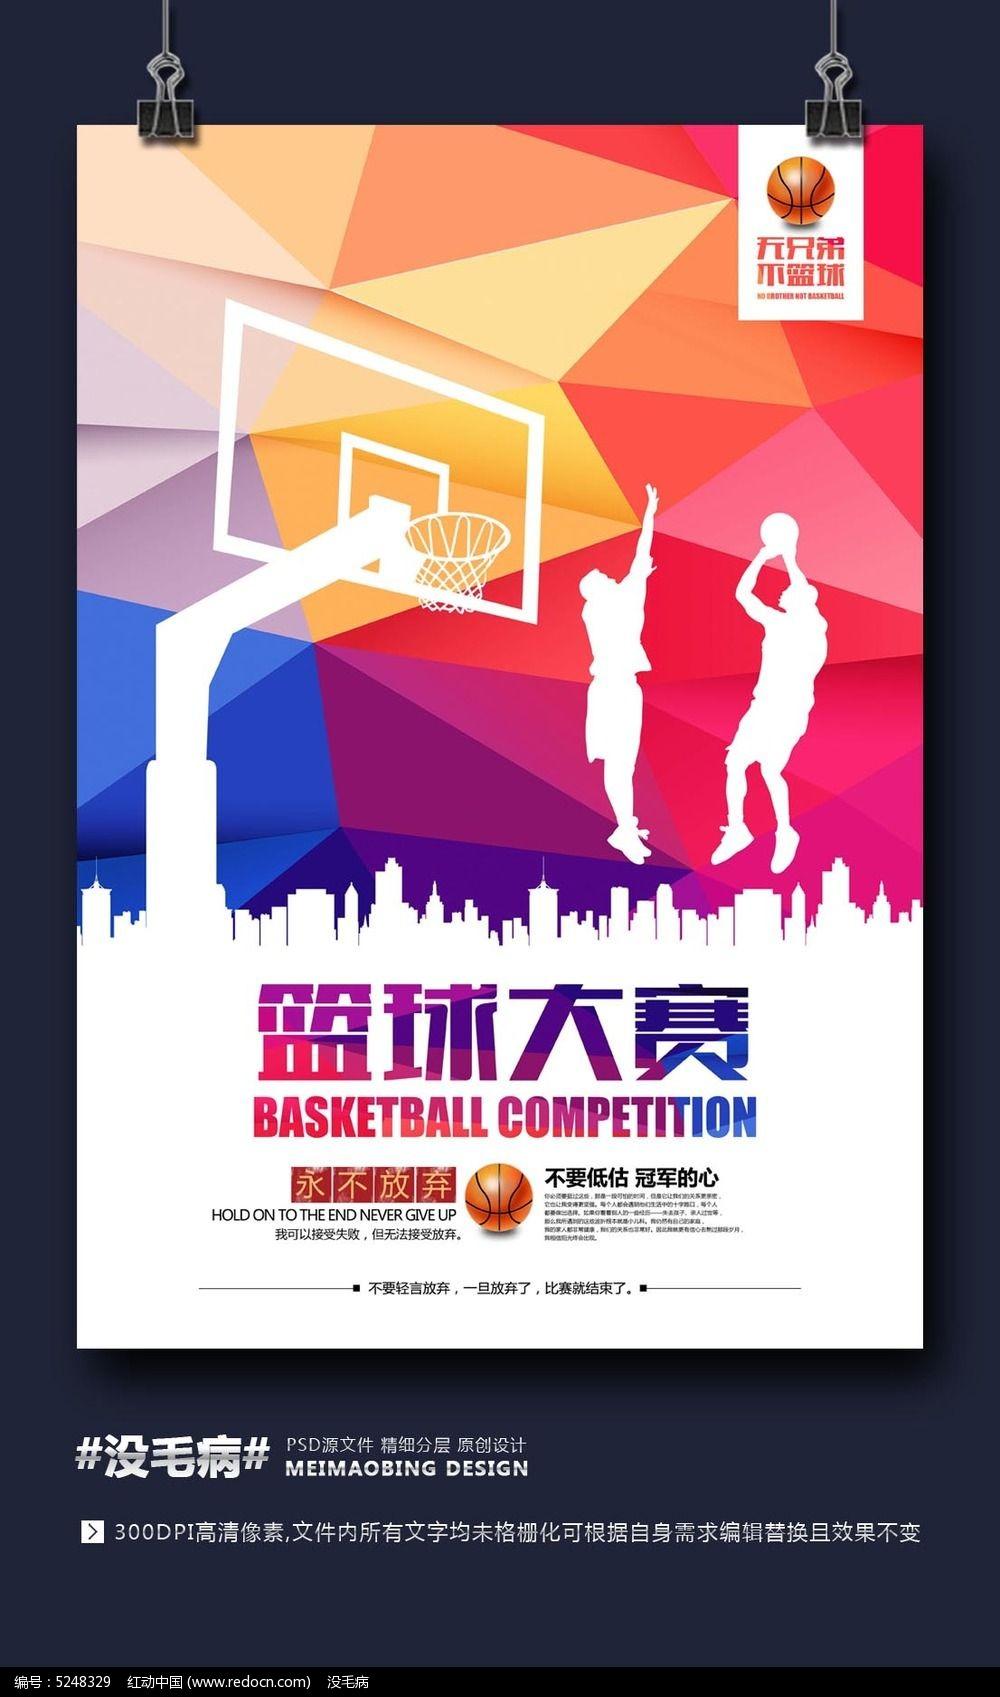 时尚创意篮球赛海报psd素材下载_海报设计图片